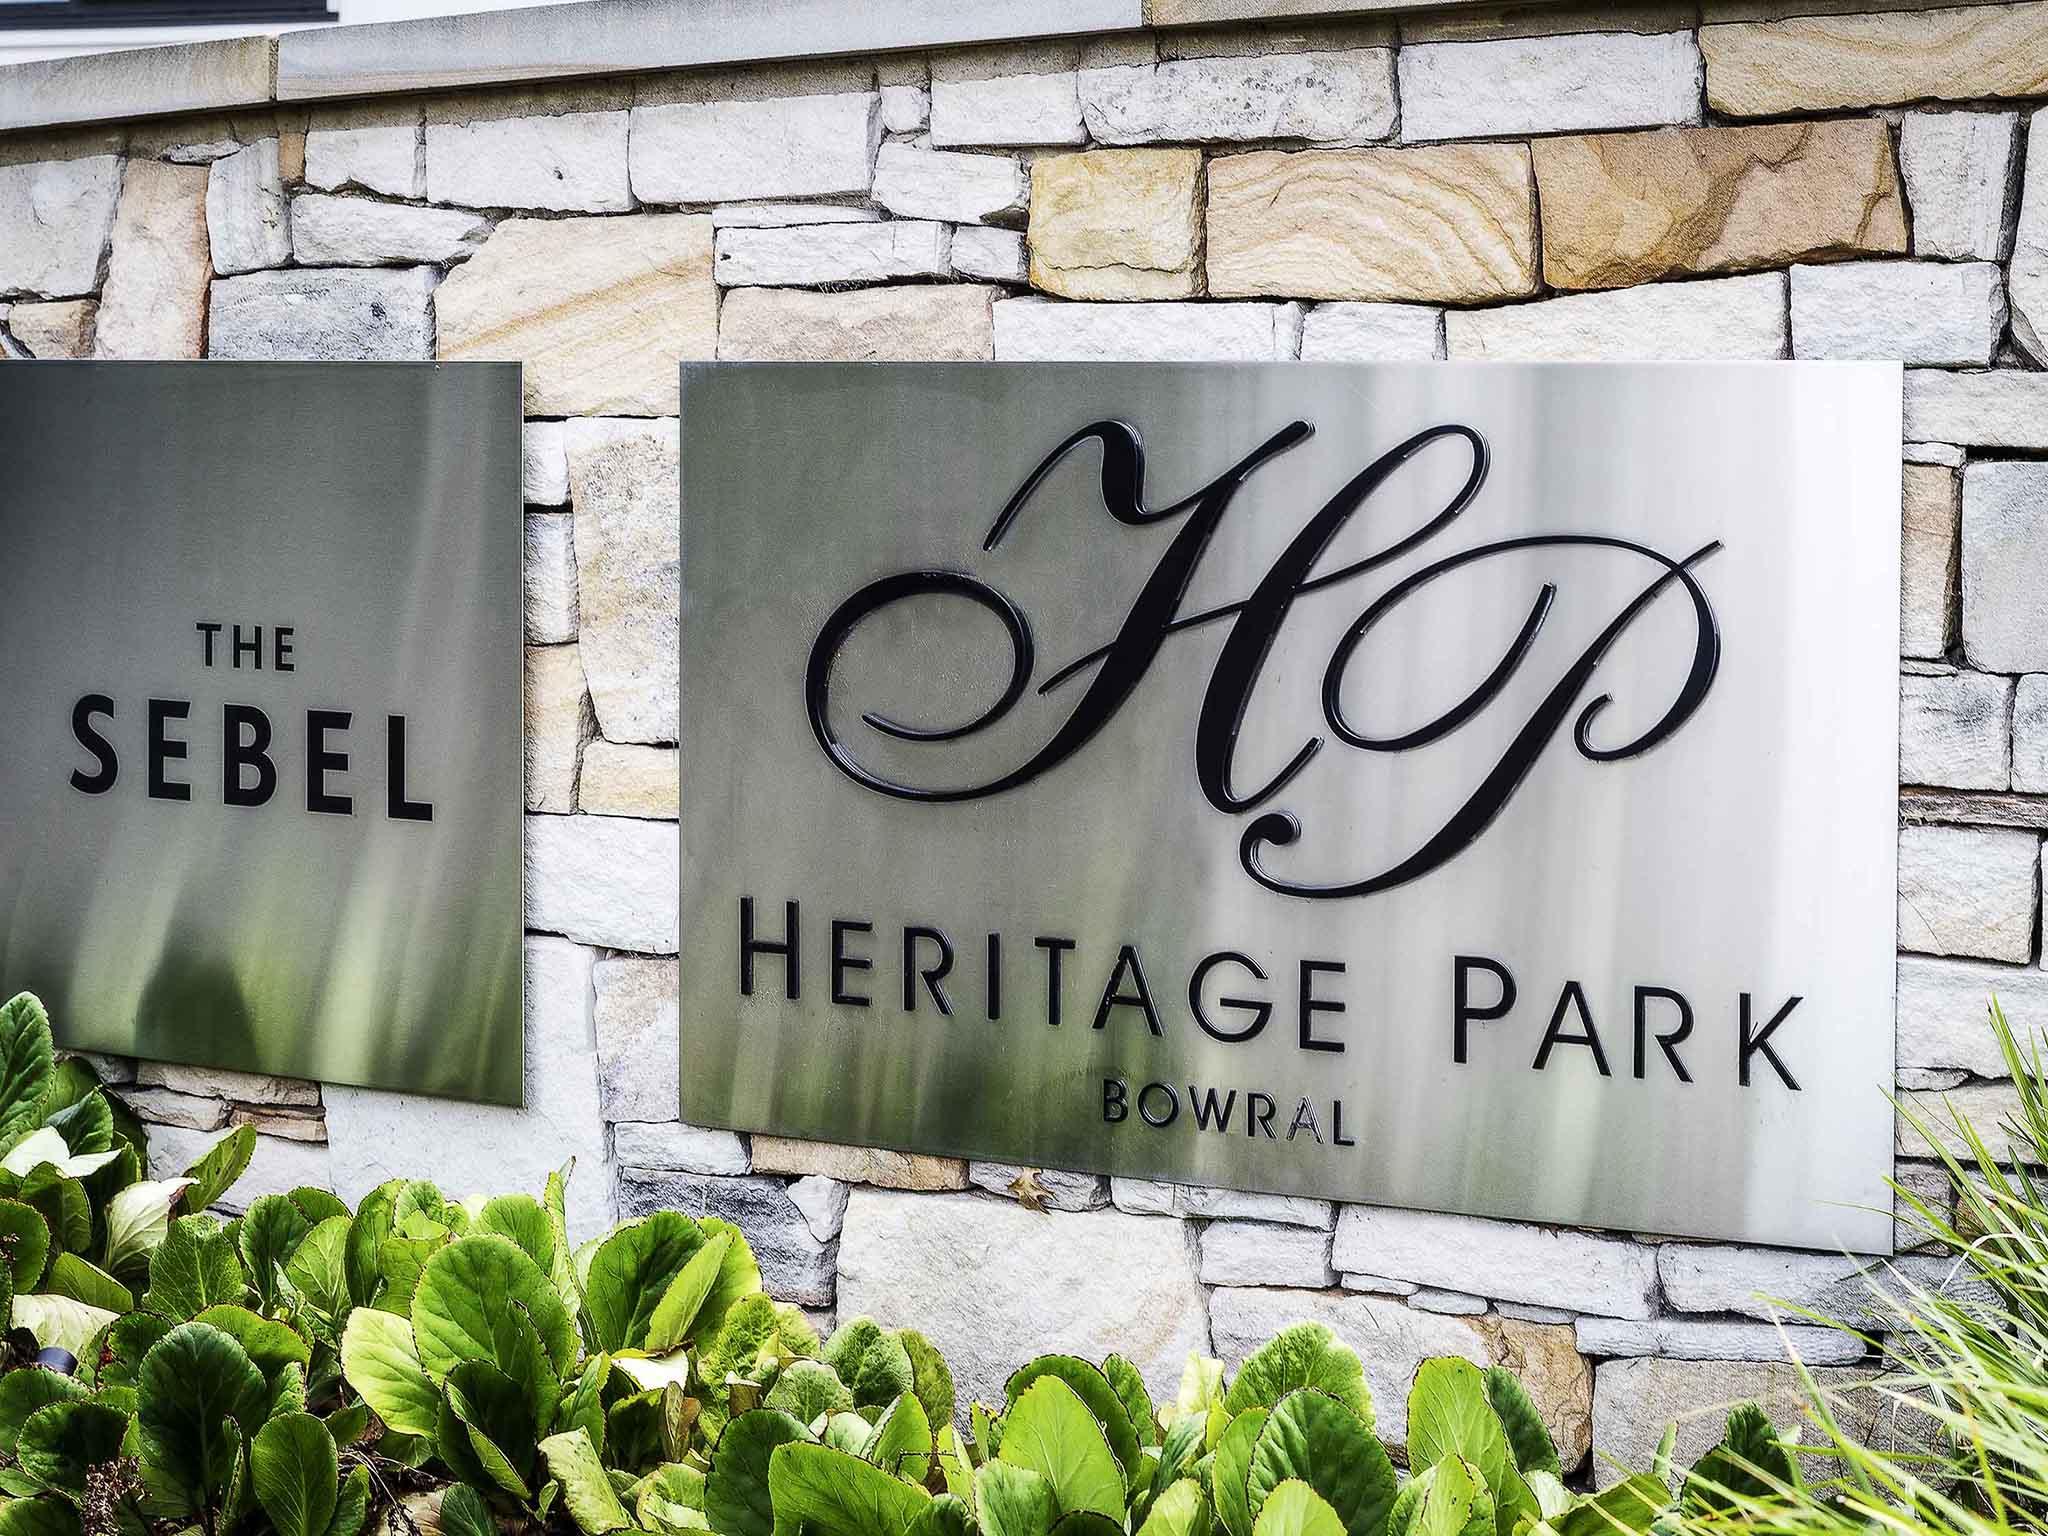 โรงแรม – The Sebel Bowral Heritage Park